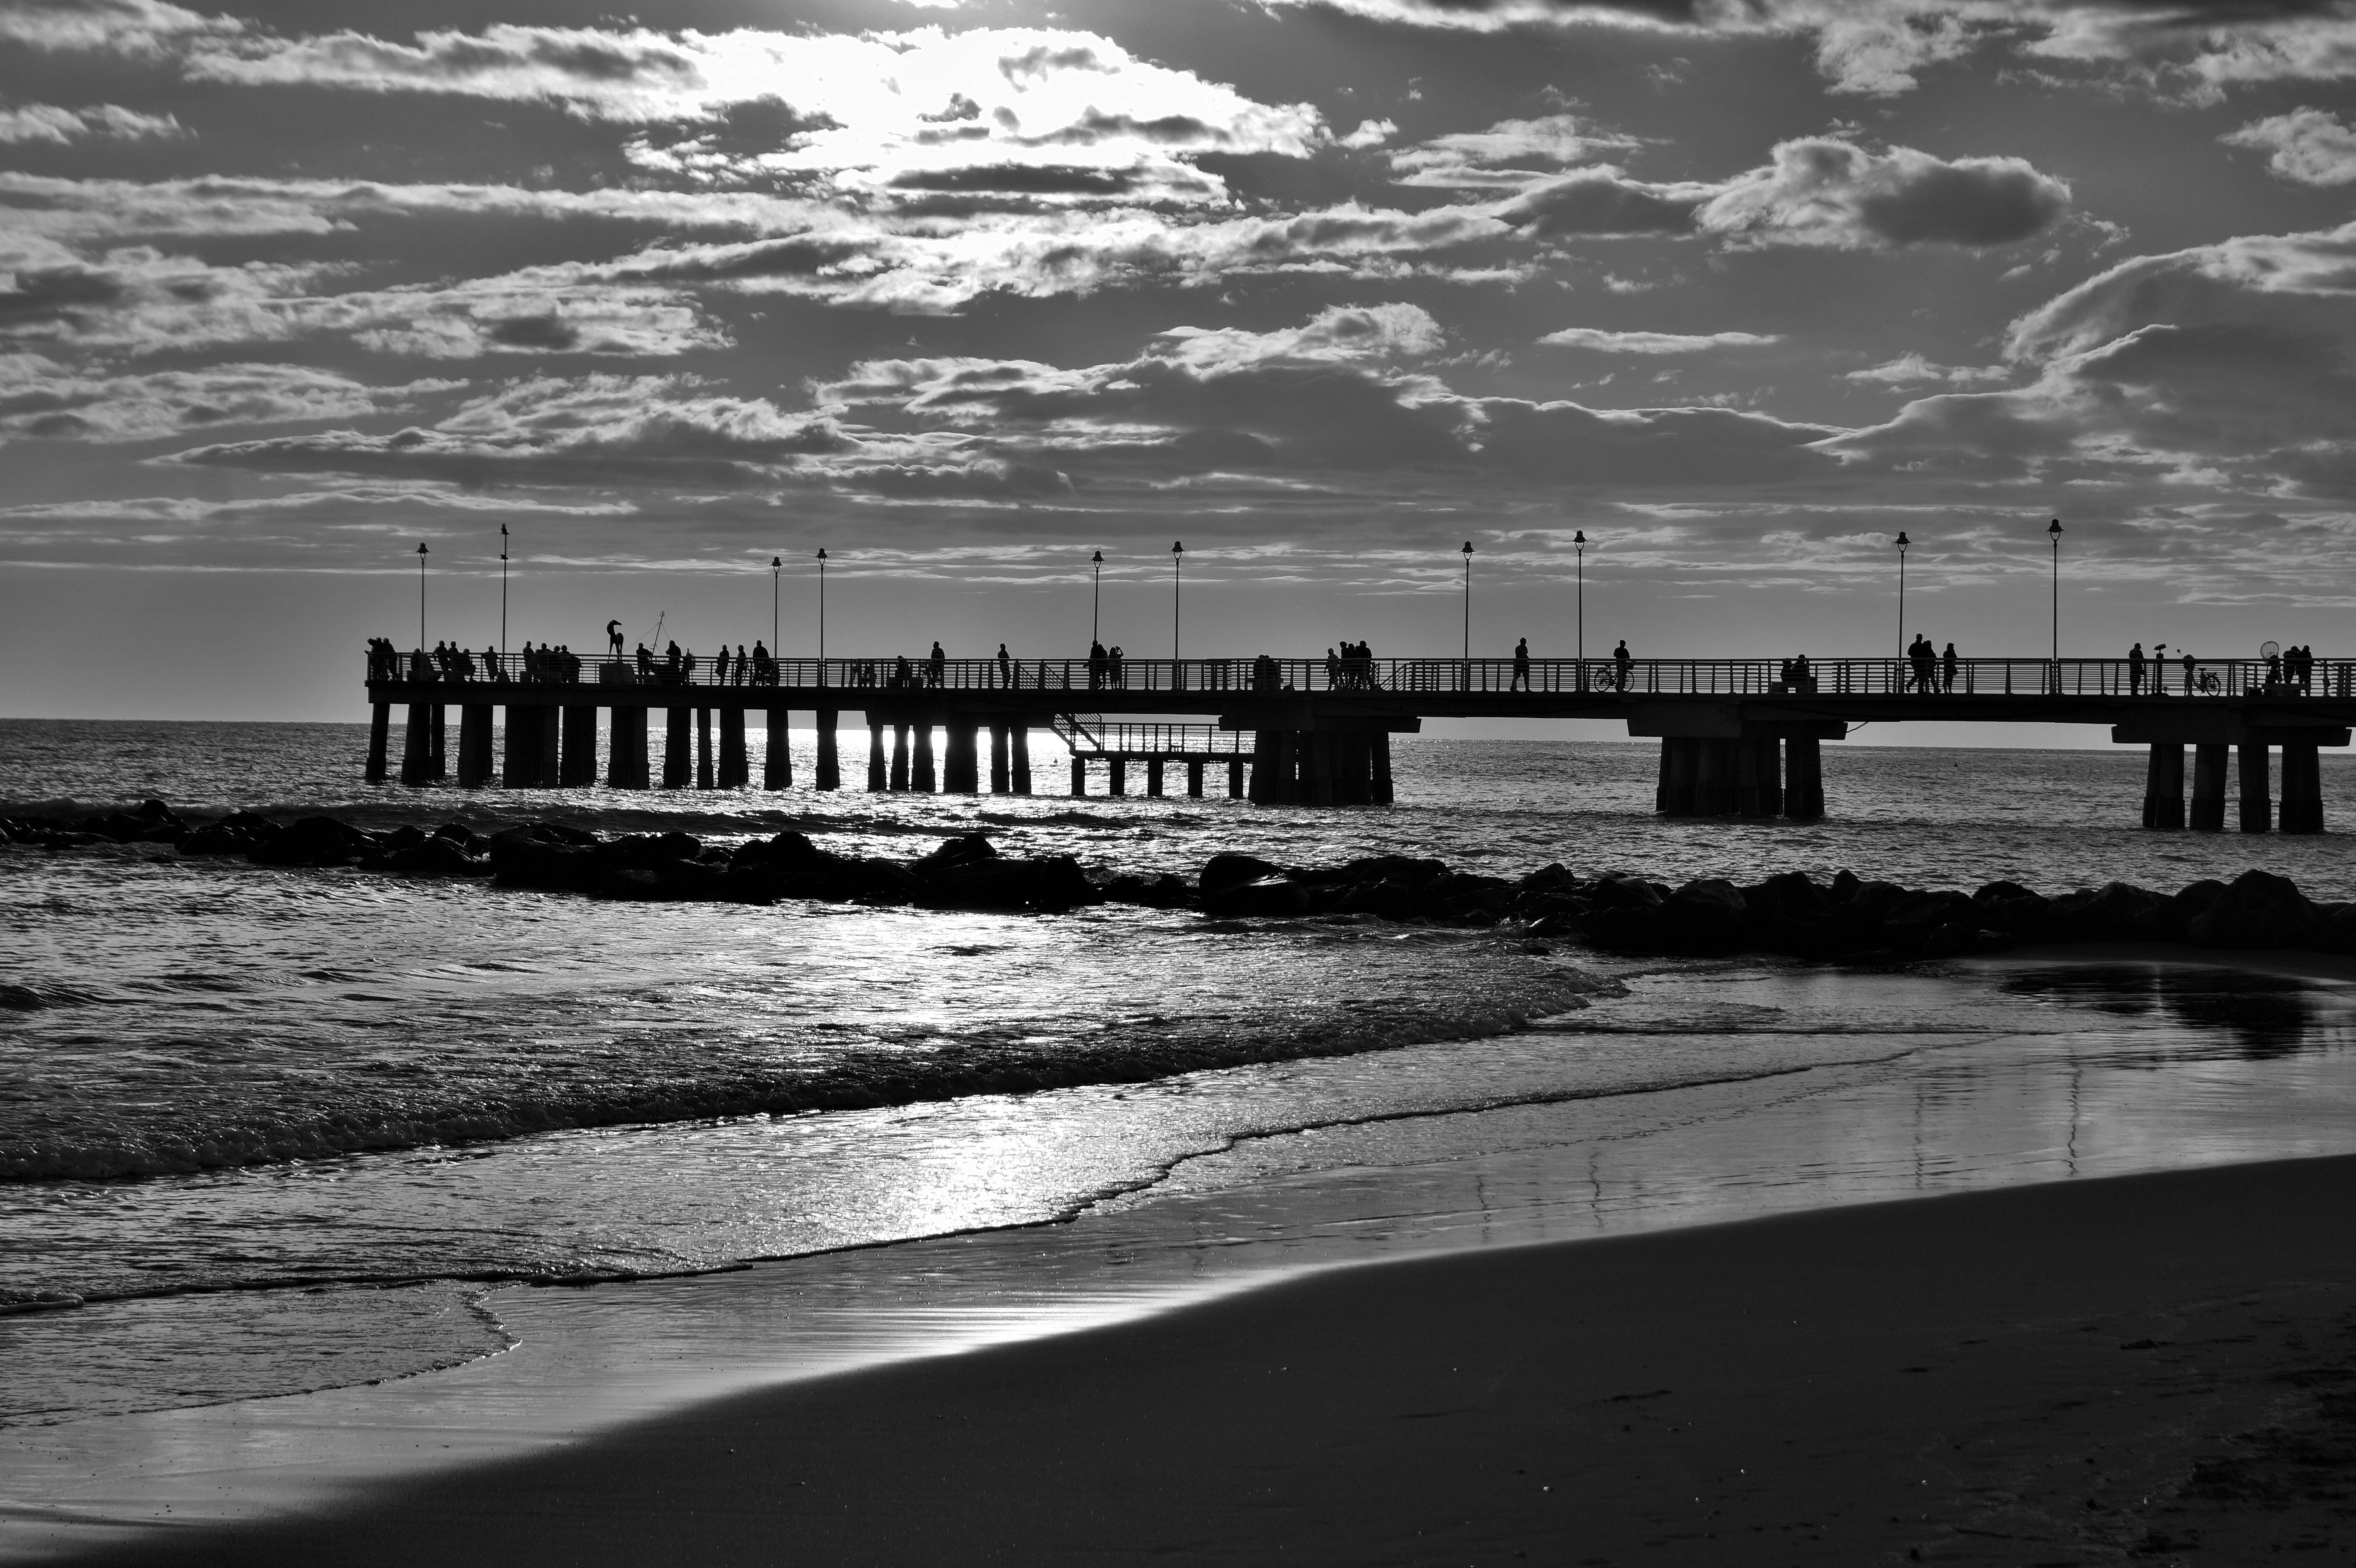 фото черно белые пристань обитают почти